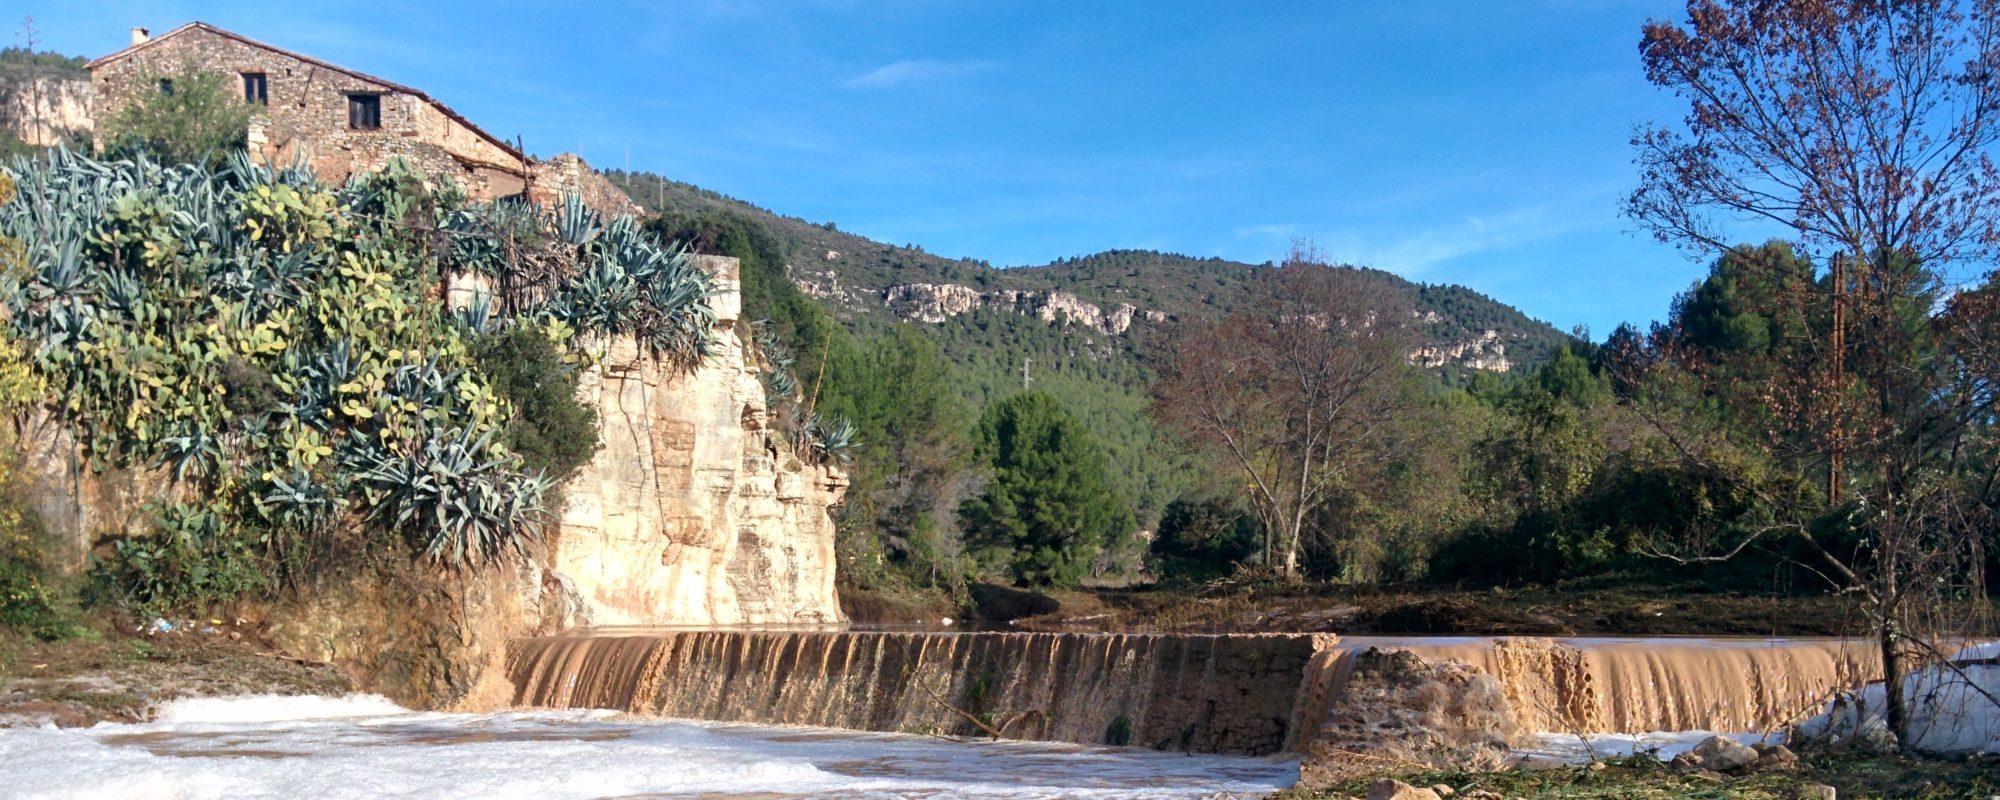 Estem treballant en l'inventari del patrimoni fluvial del Gaià  https://patrimonifluvialdelgaia.wordpress.com/